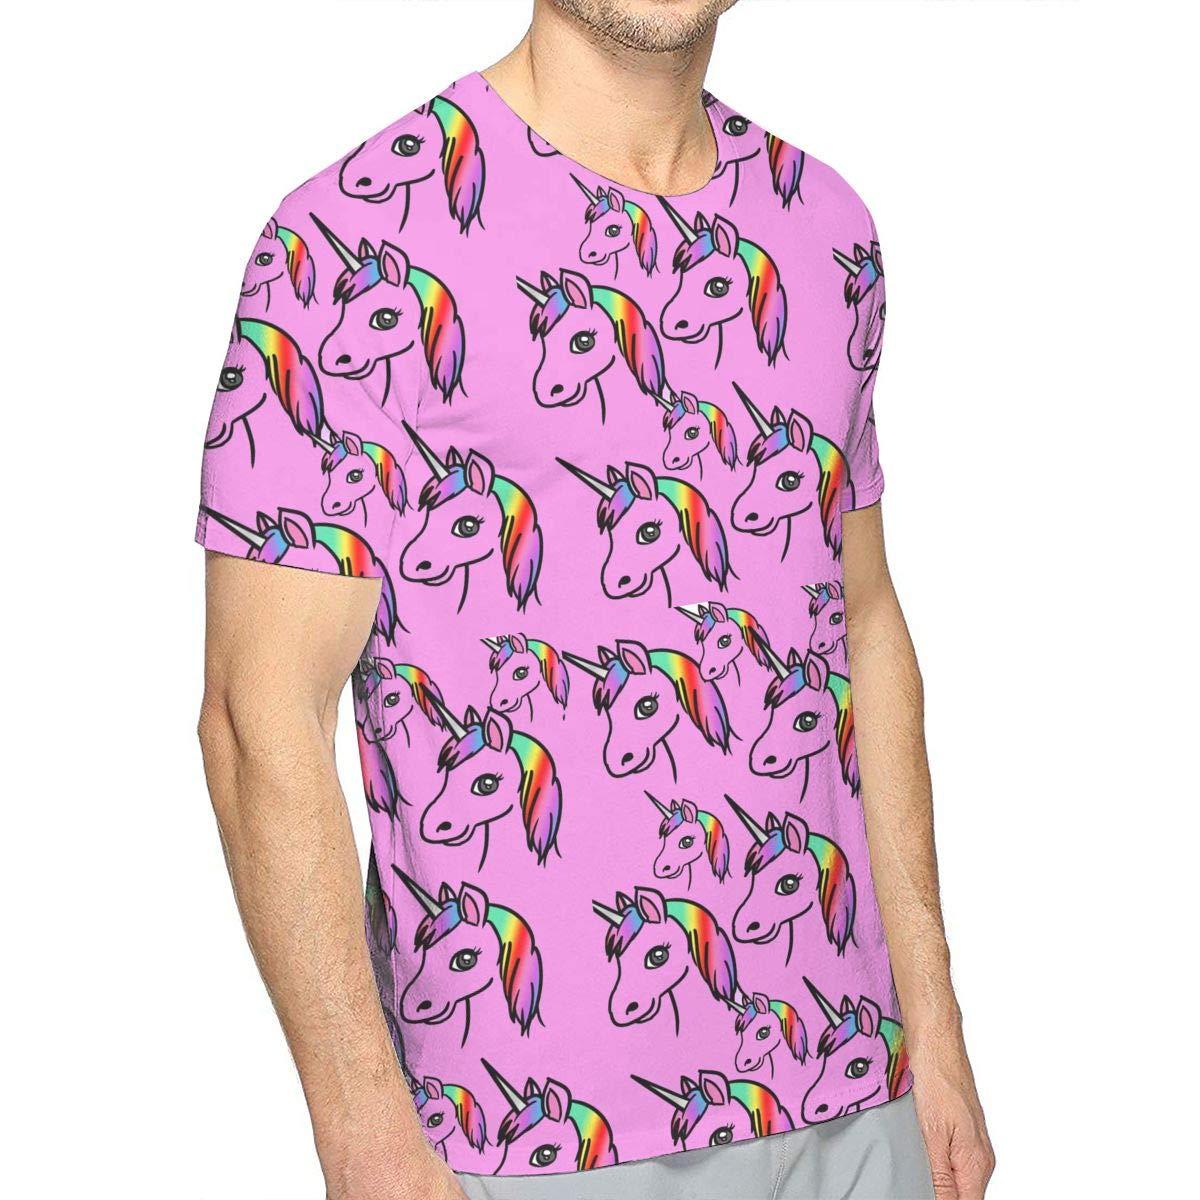 Amazon.com: Camisa de béisbol con estampado 3D para hombre y ...